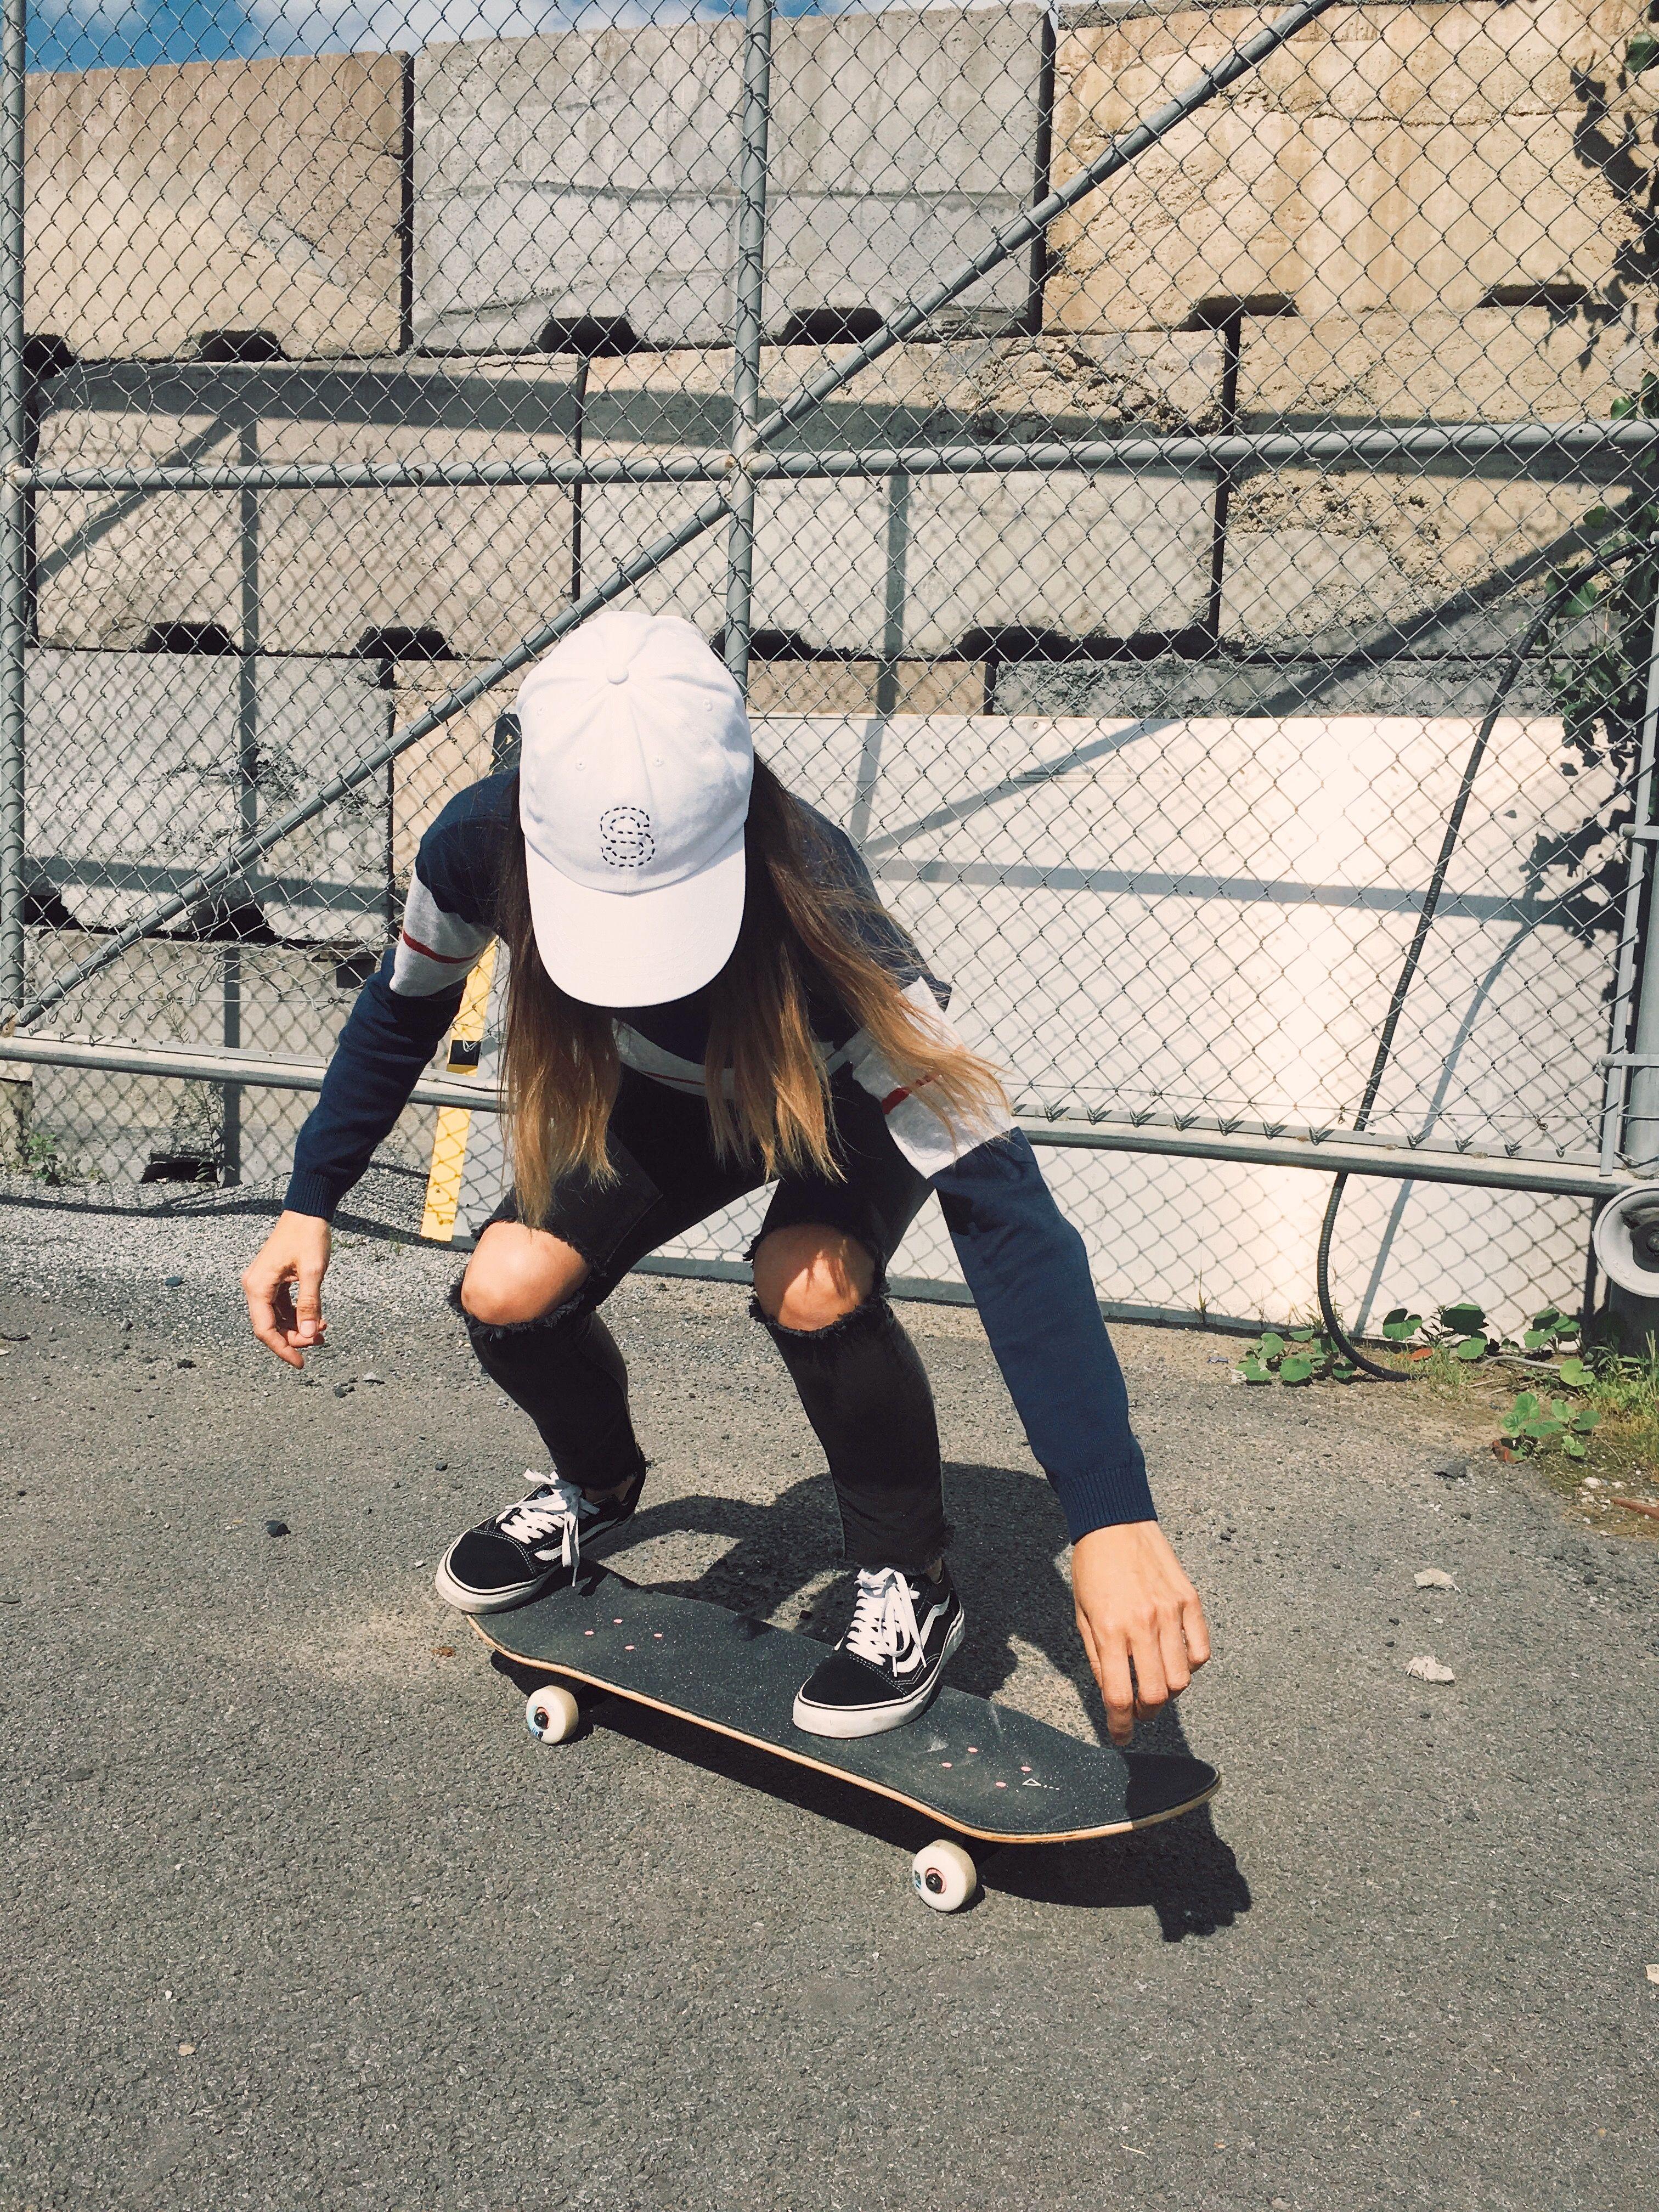 Картинки на аву со скейтами